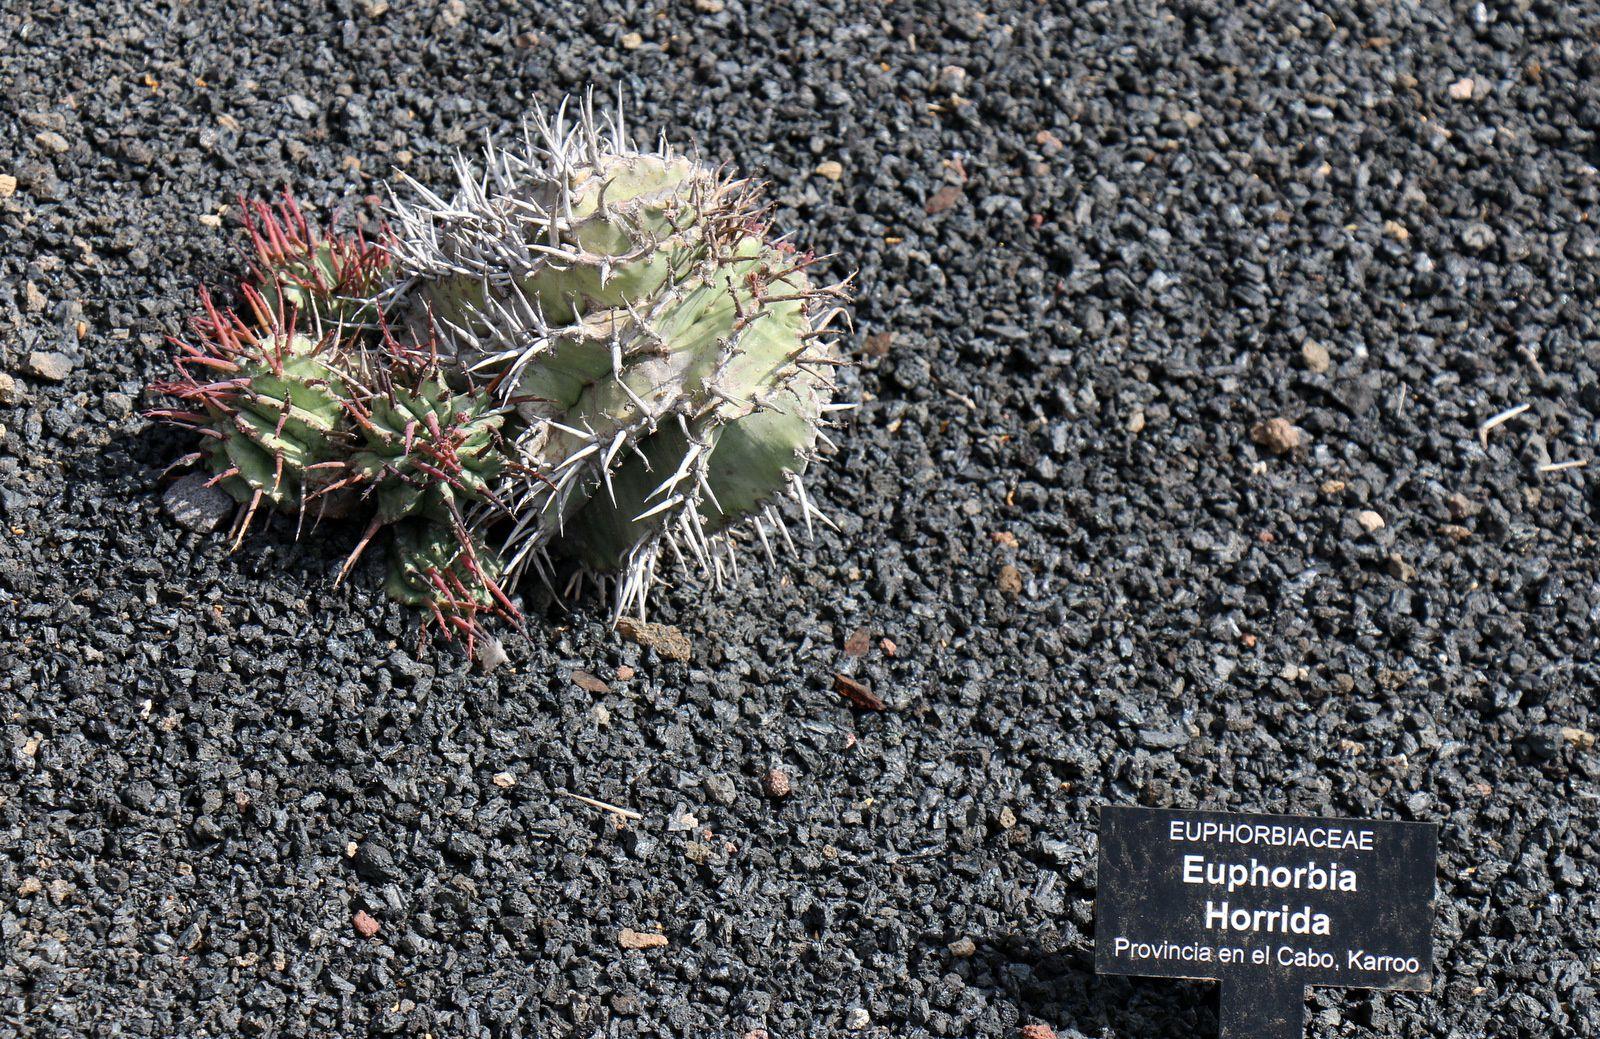 Euphorbia Horrida, Pachypodium Lamerei, Jardin de Cactus